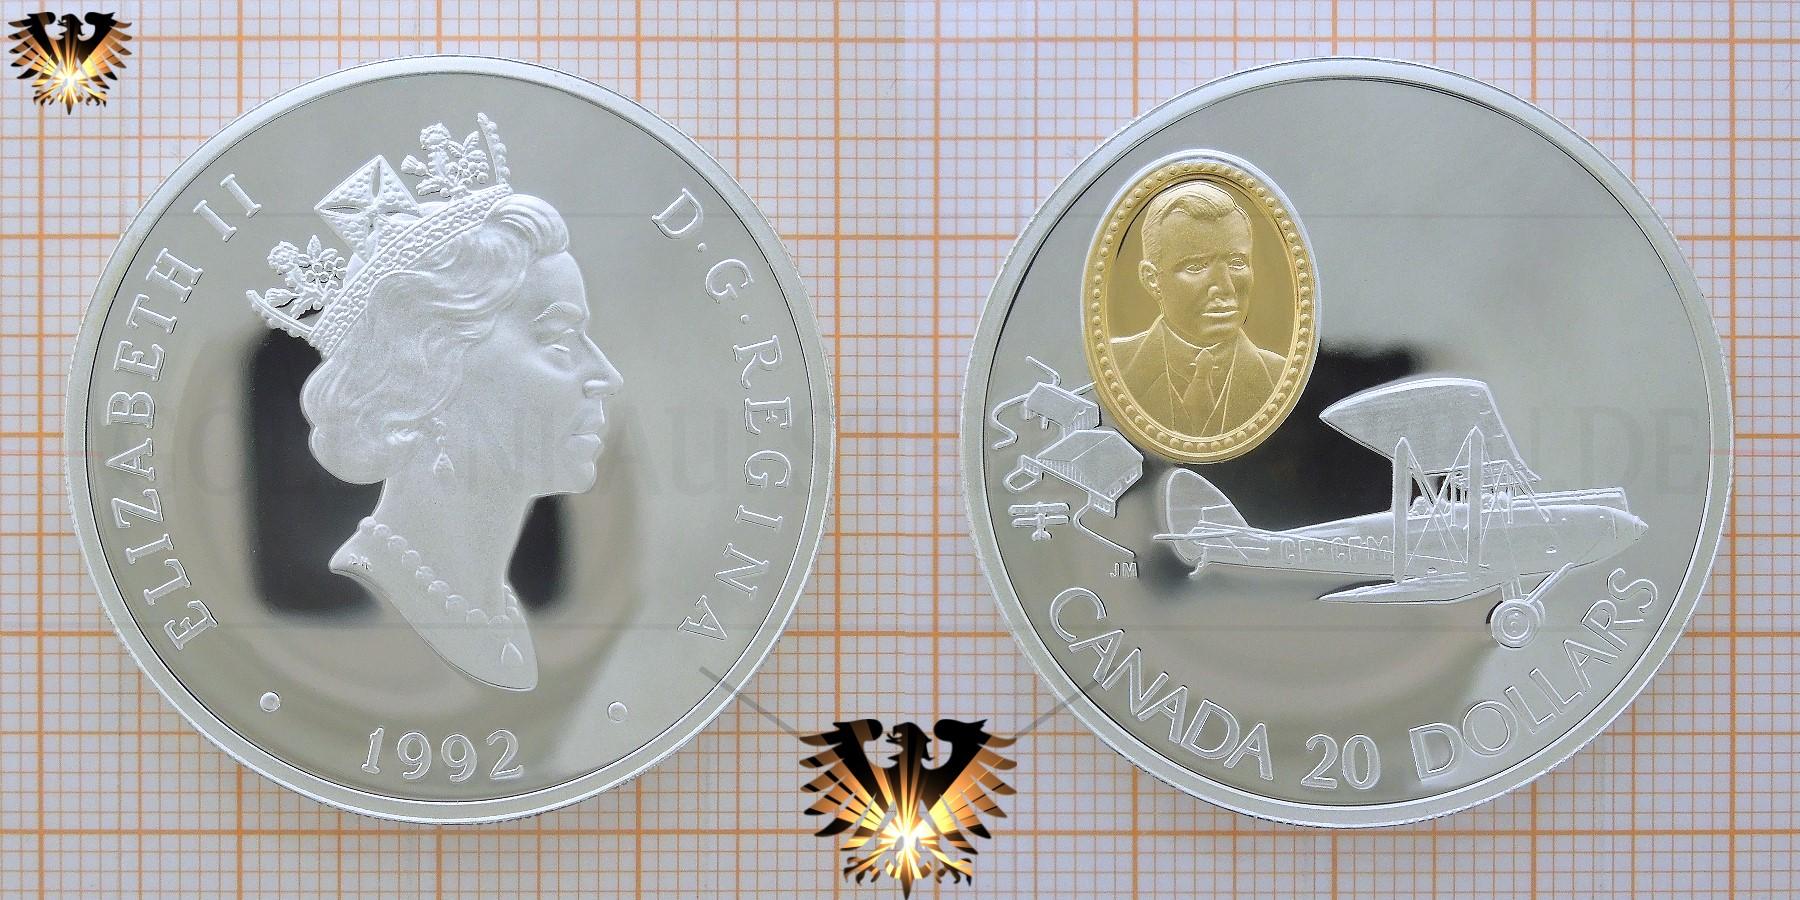 Canada 1992 20 Dollars Silbermünze Elizabeth Ii Flugzeug Gipsy